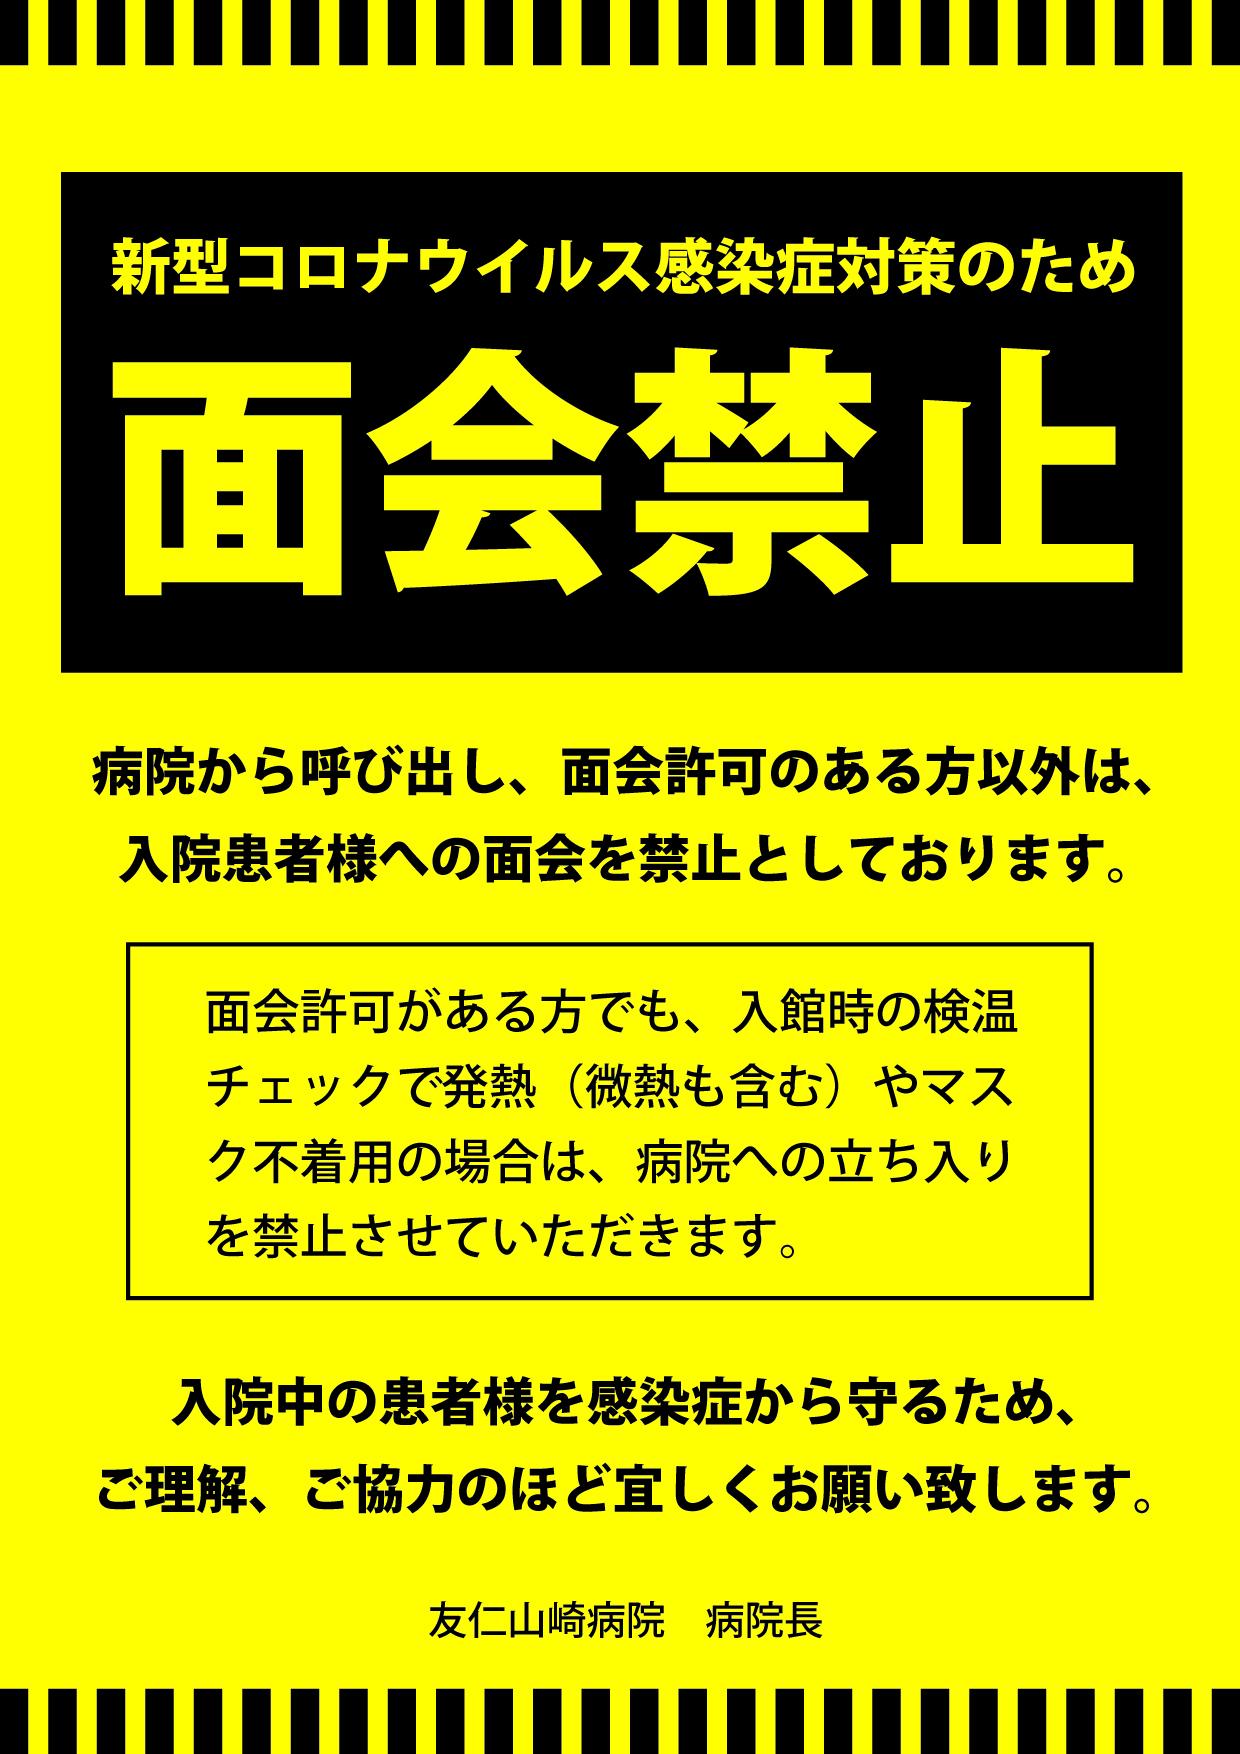 【重要】 面会禁止のお知らせ